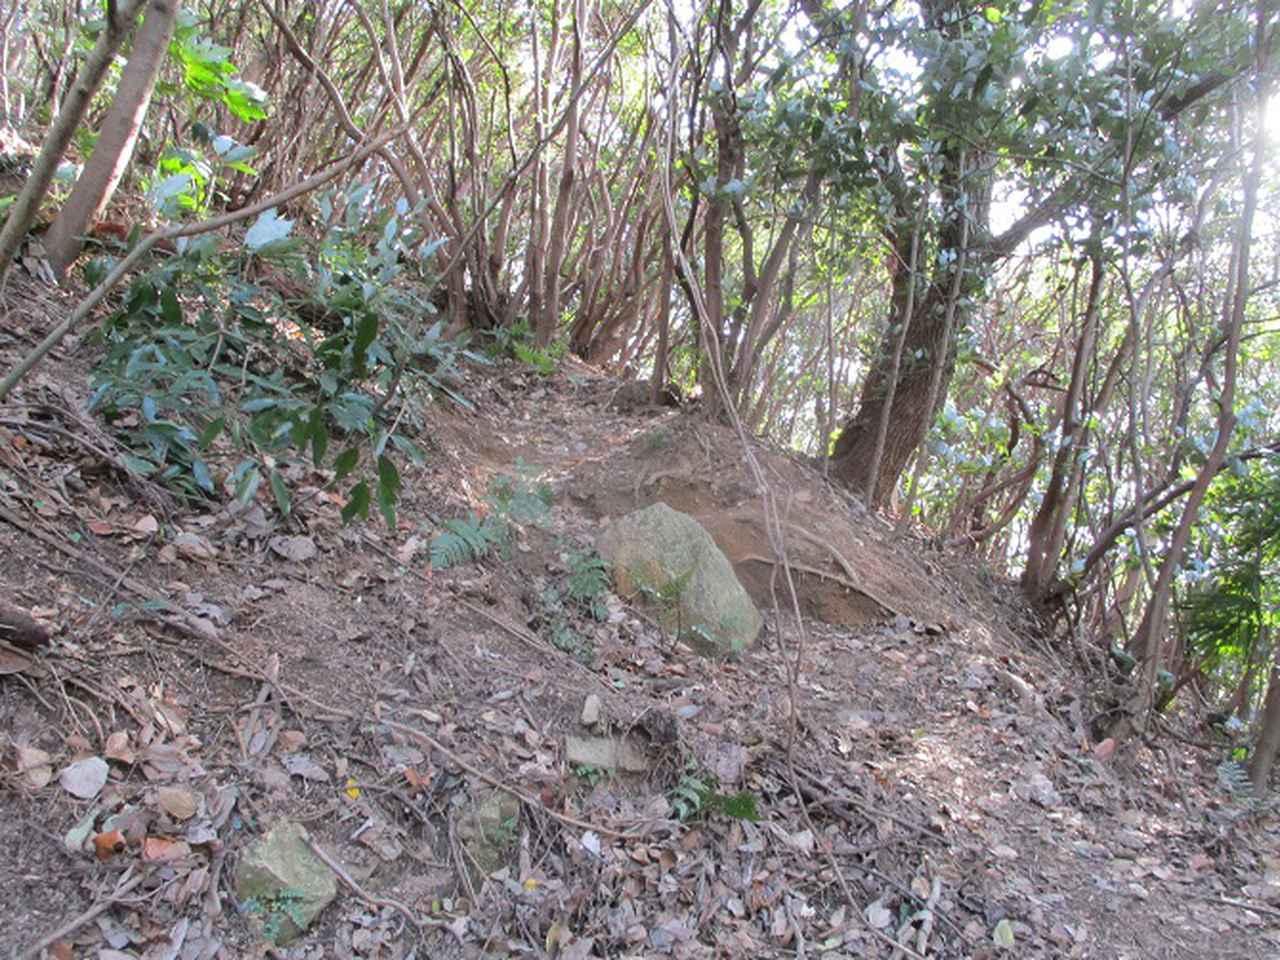 画像3: 来年冬の企画素材を探して、わが故郷・広島県の山を歩いてみました!